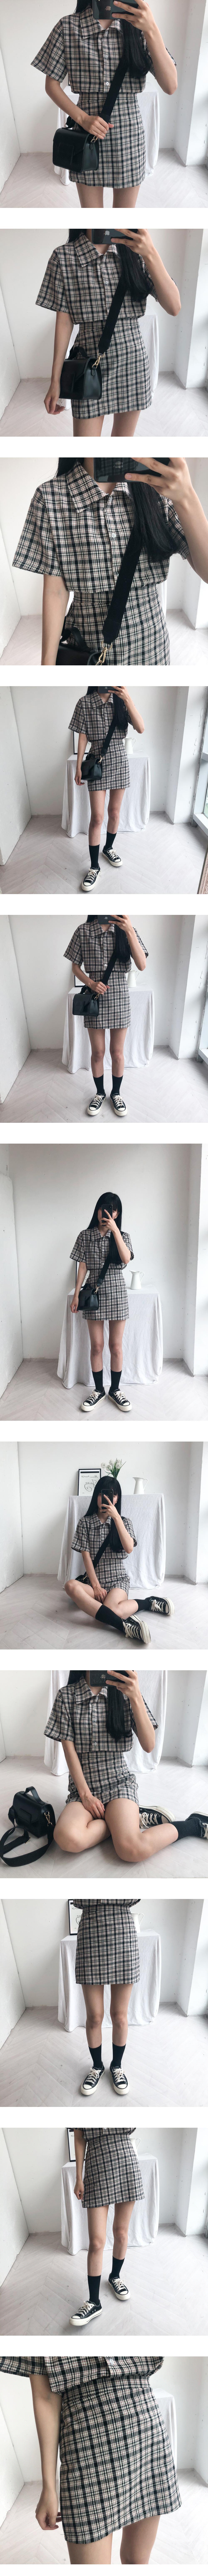 Rico skirt